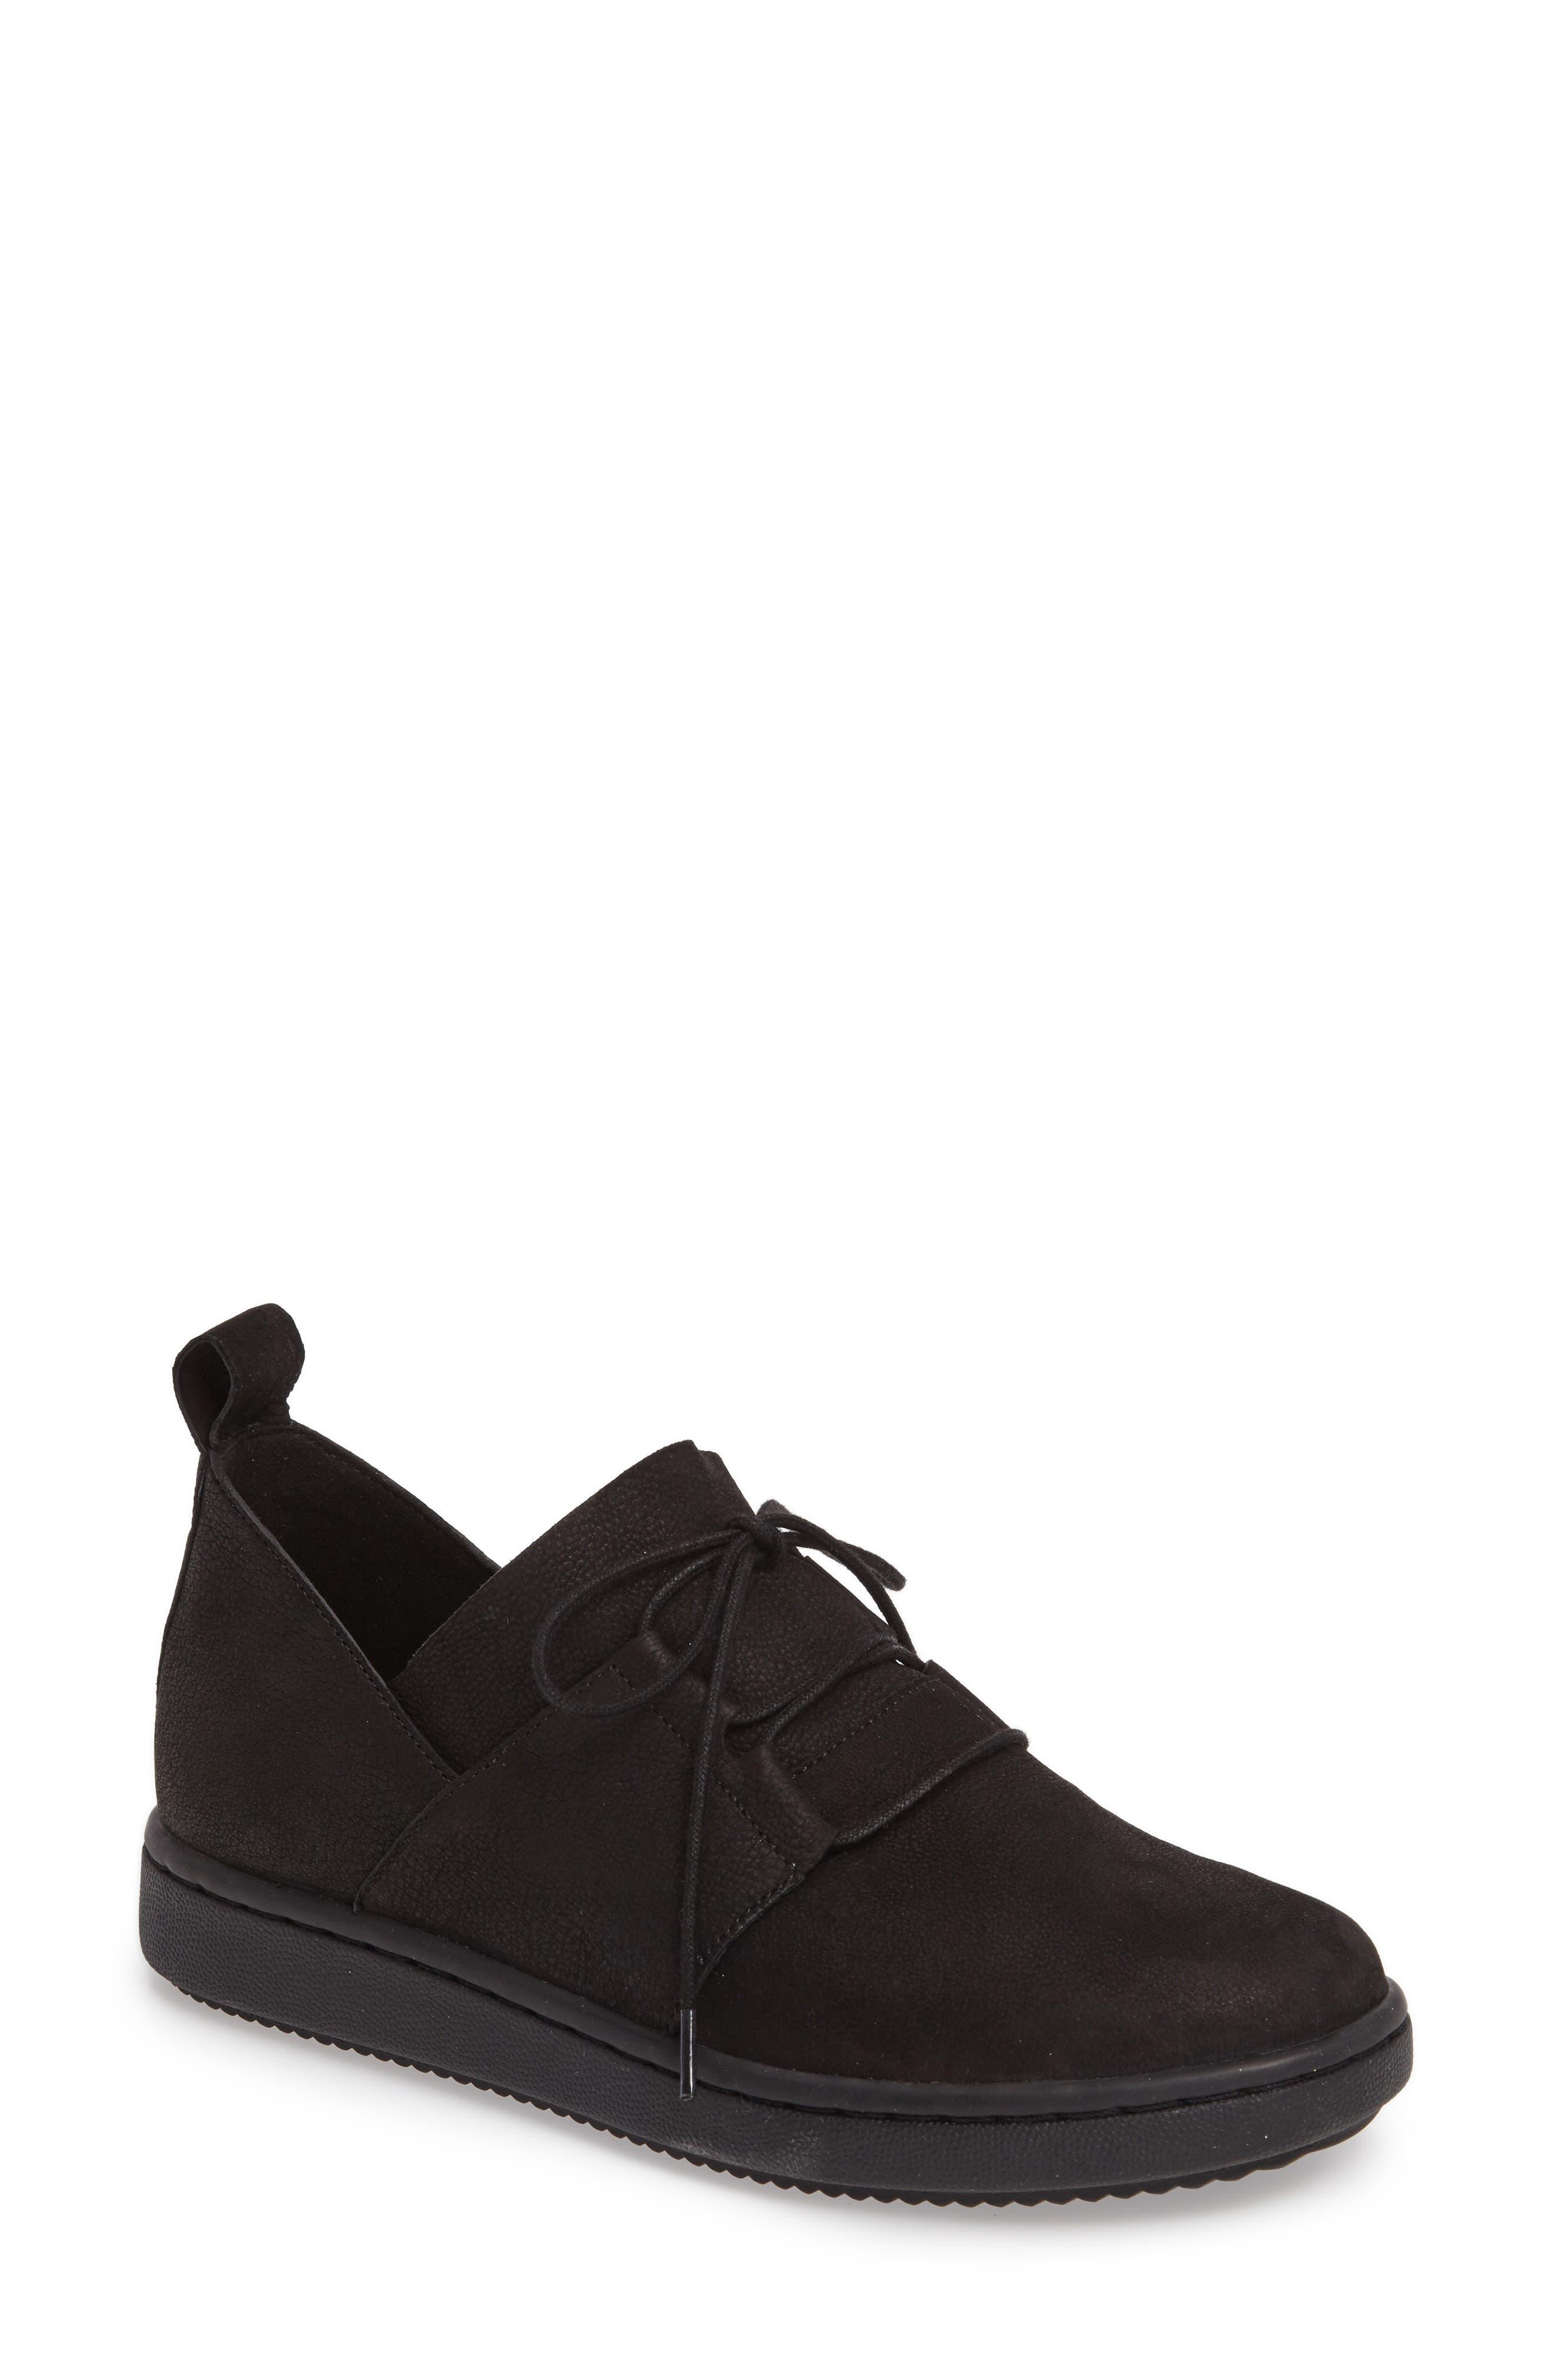 Kipling Sneaker,                         Main,                         color, 001